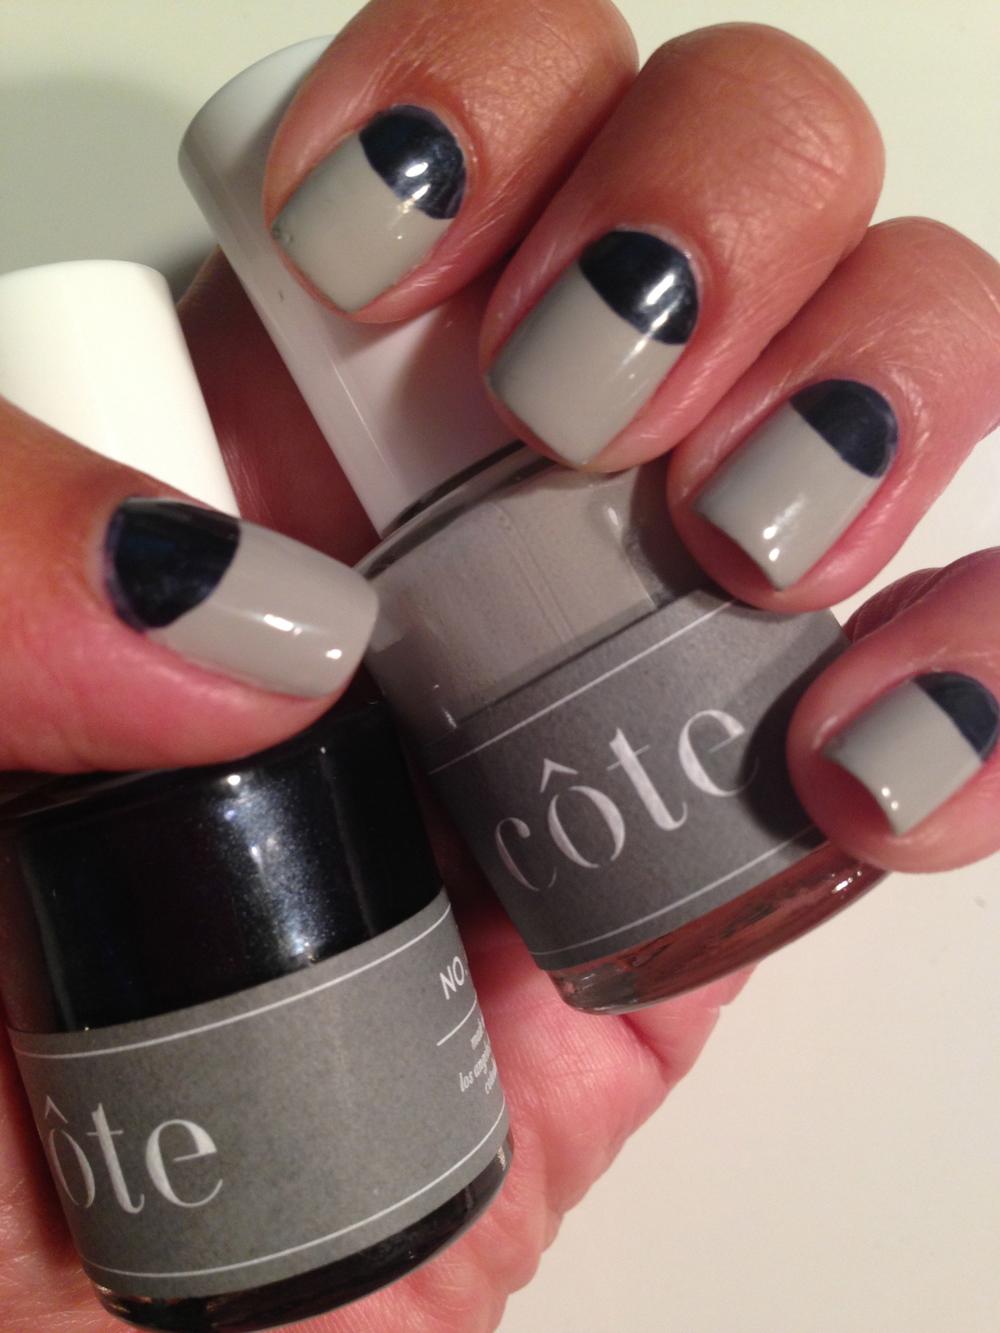 côte nail shades: No.102 (grey), and No. 76 (midnight blue)